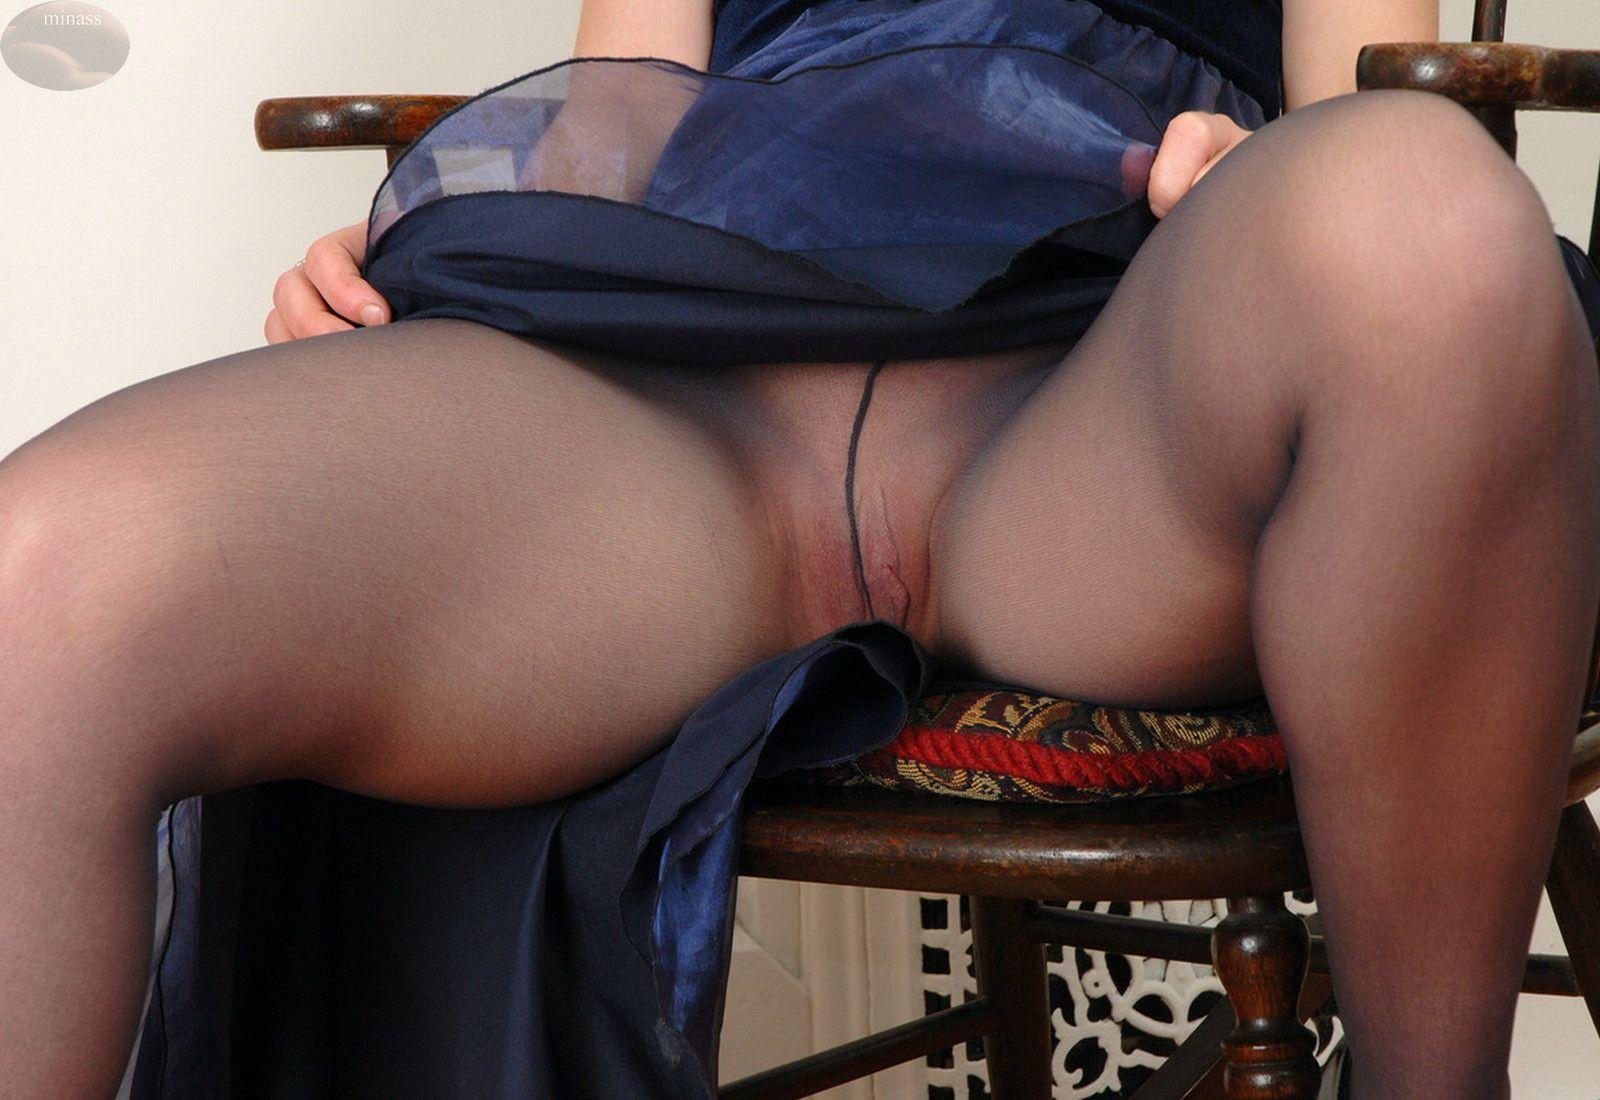 upskirt-legs-video-sex